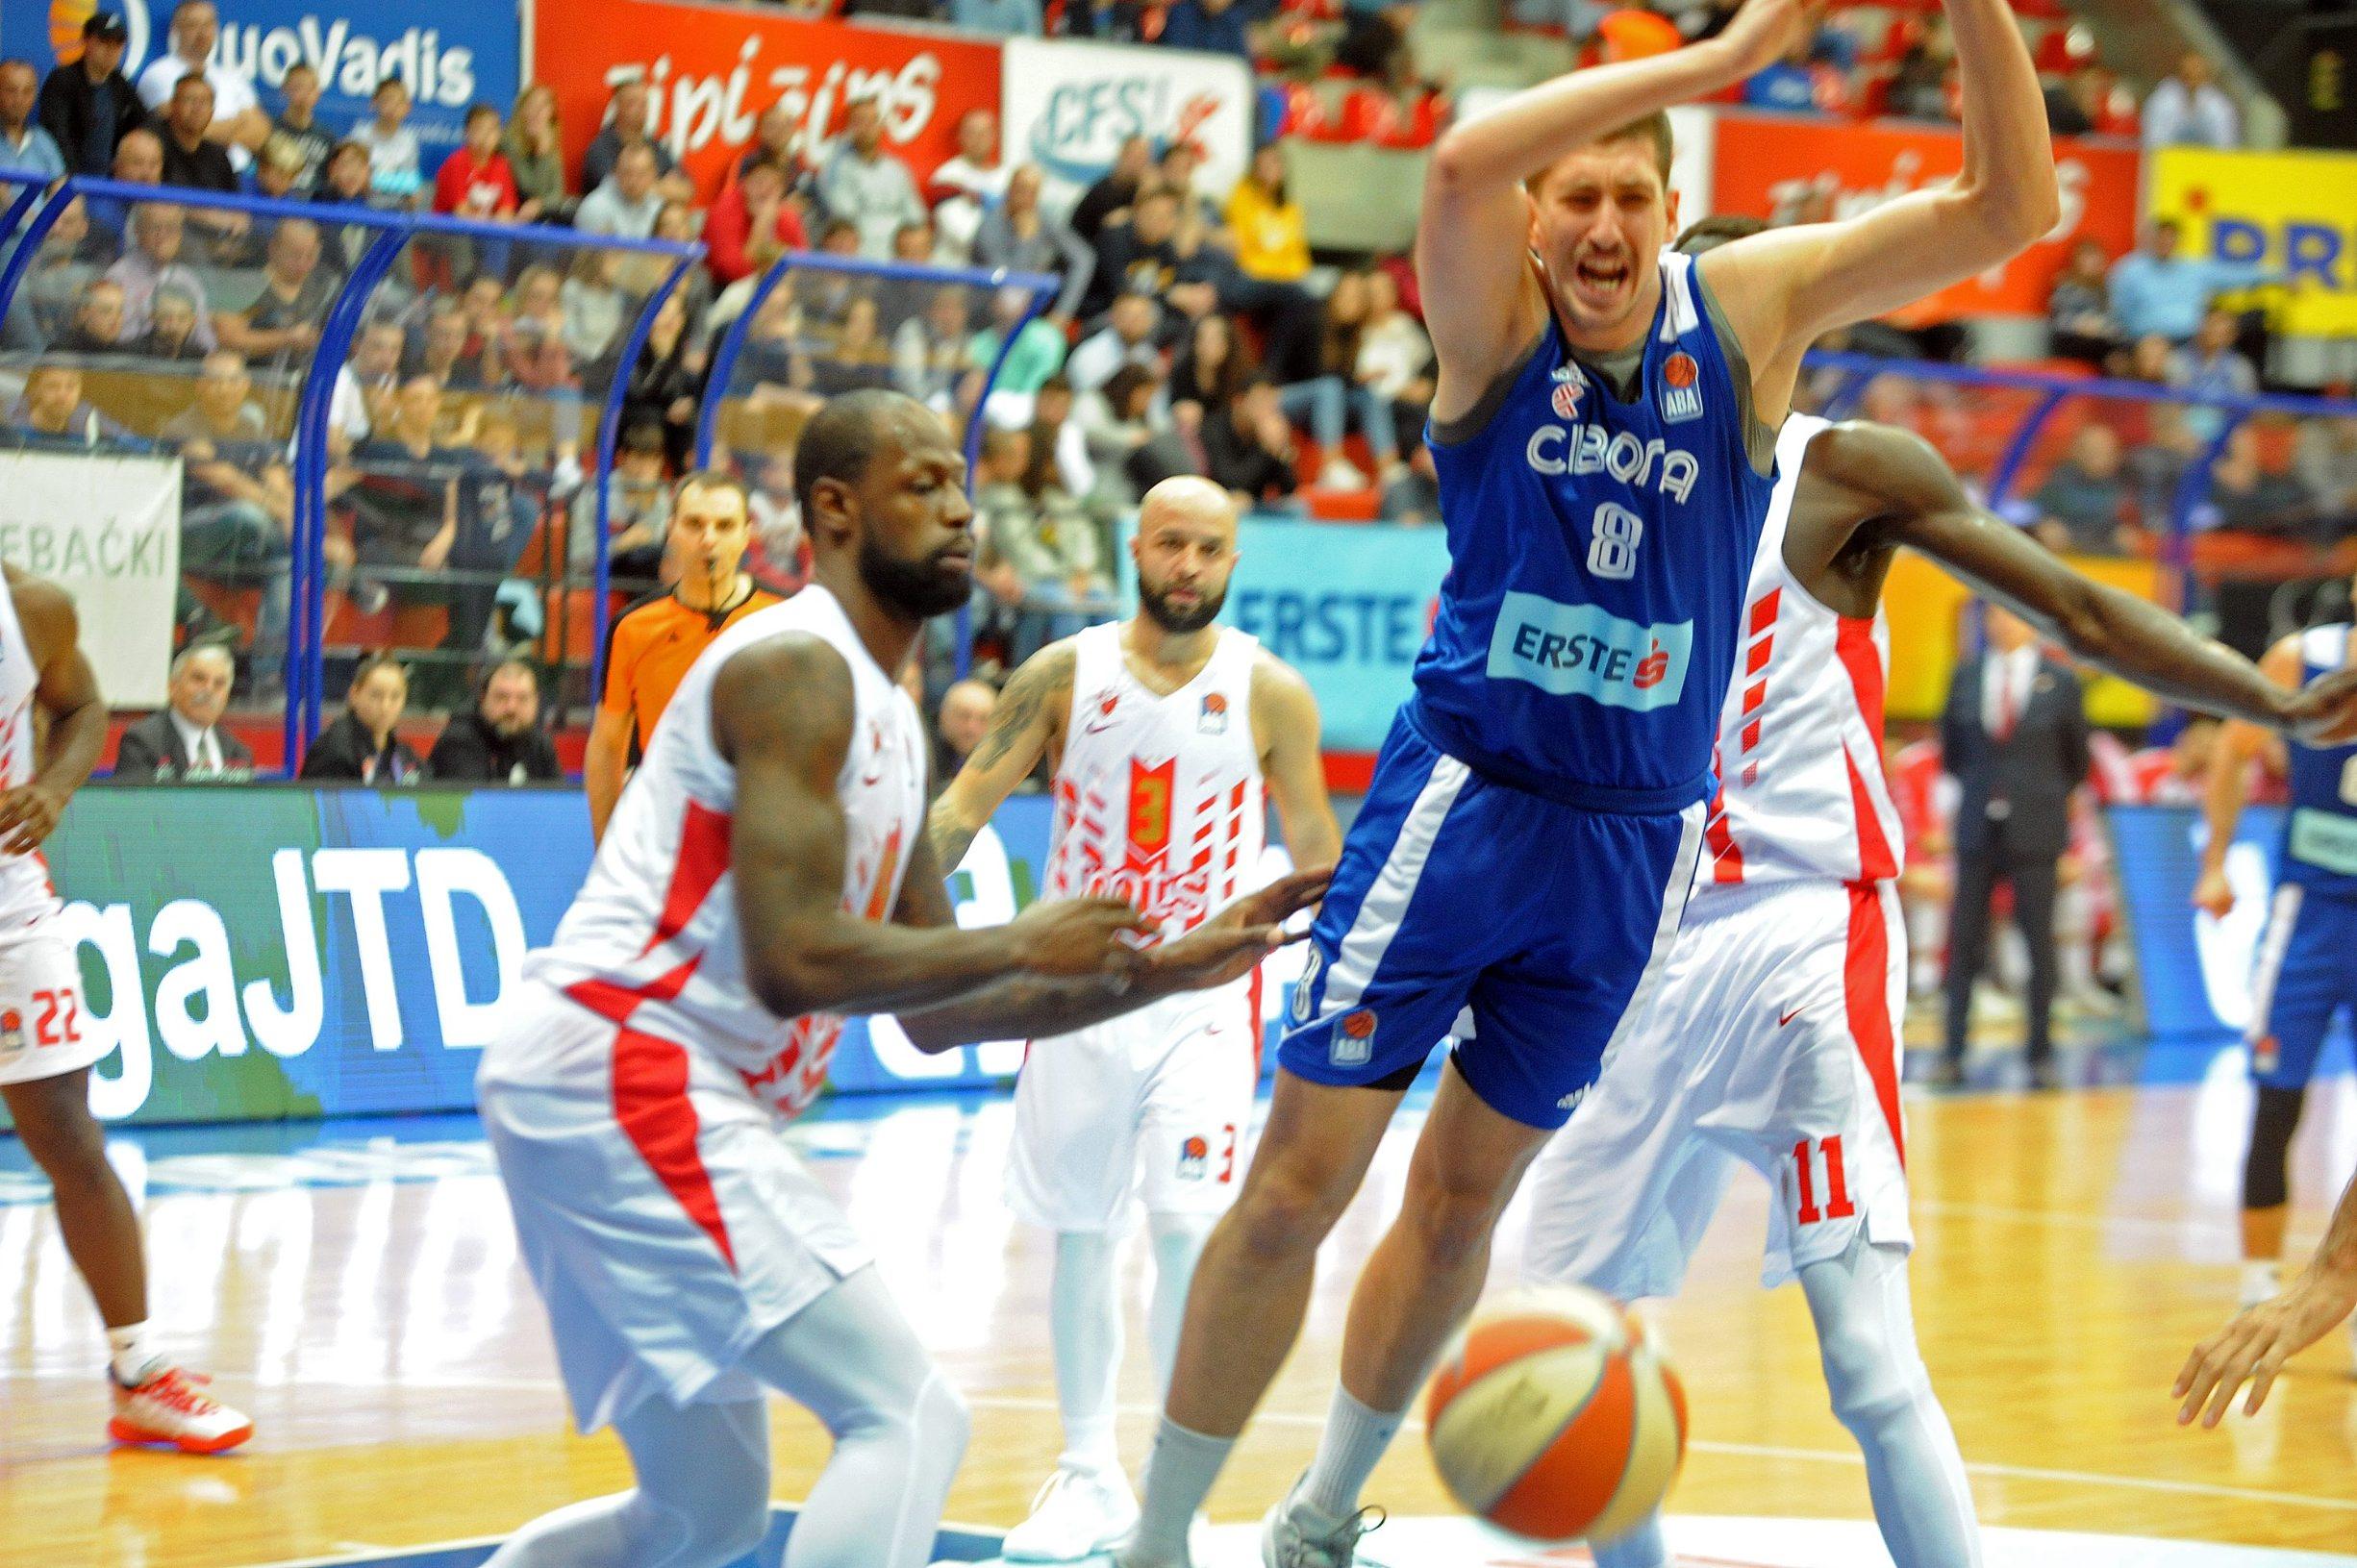 Filip Bundović odigrao je veliku utakmicu u Beogradu